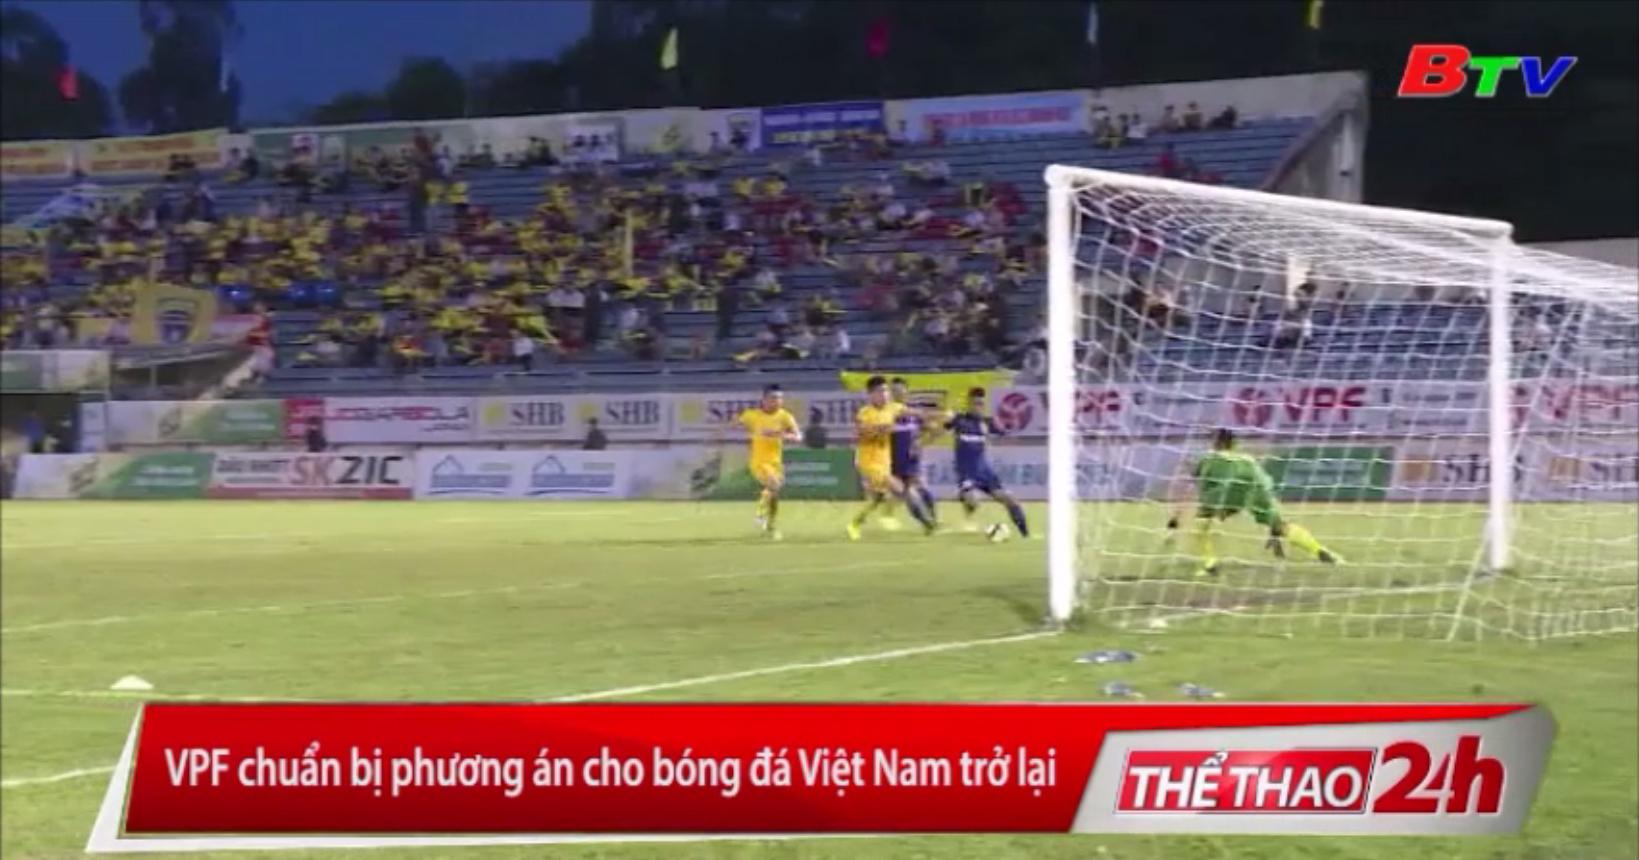 VPF chuẩn bị phương án cho bóng đá Việt Nam trở lại